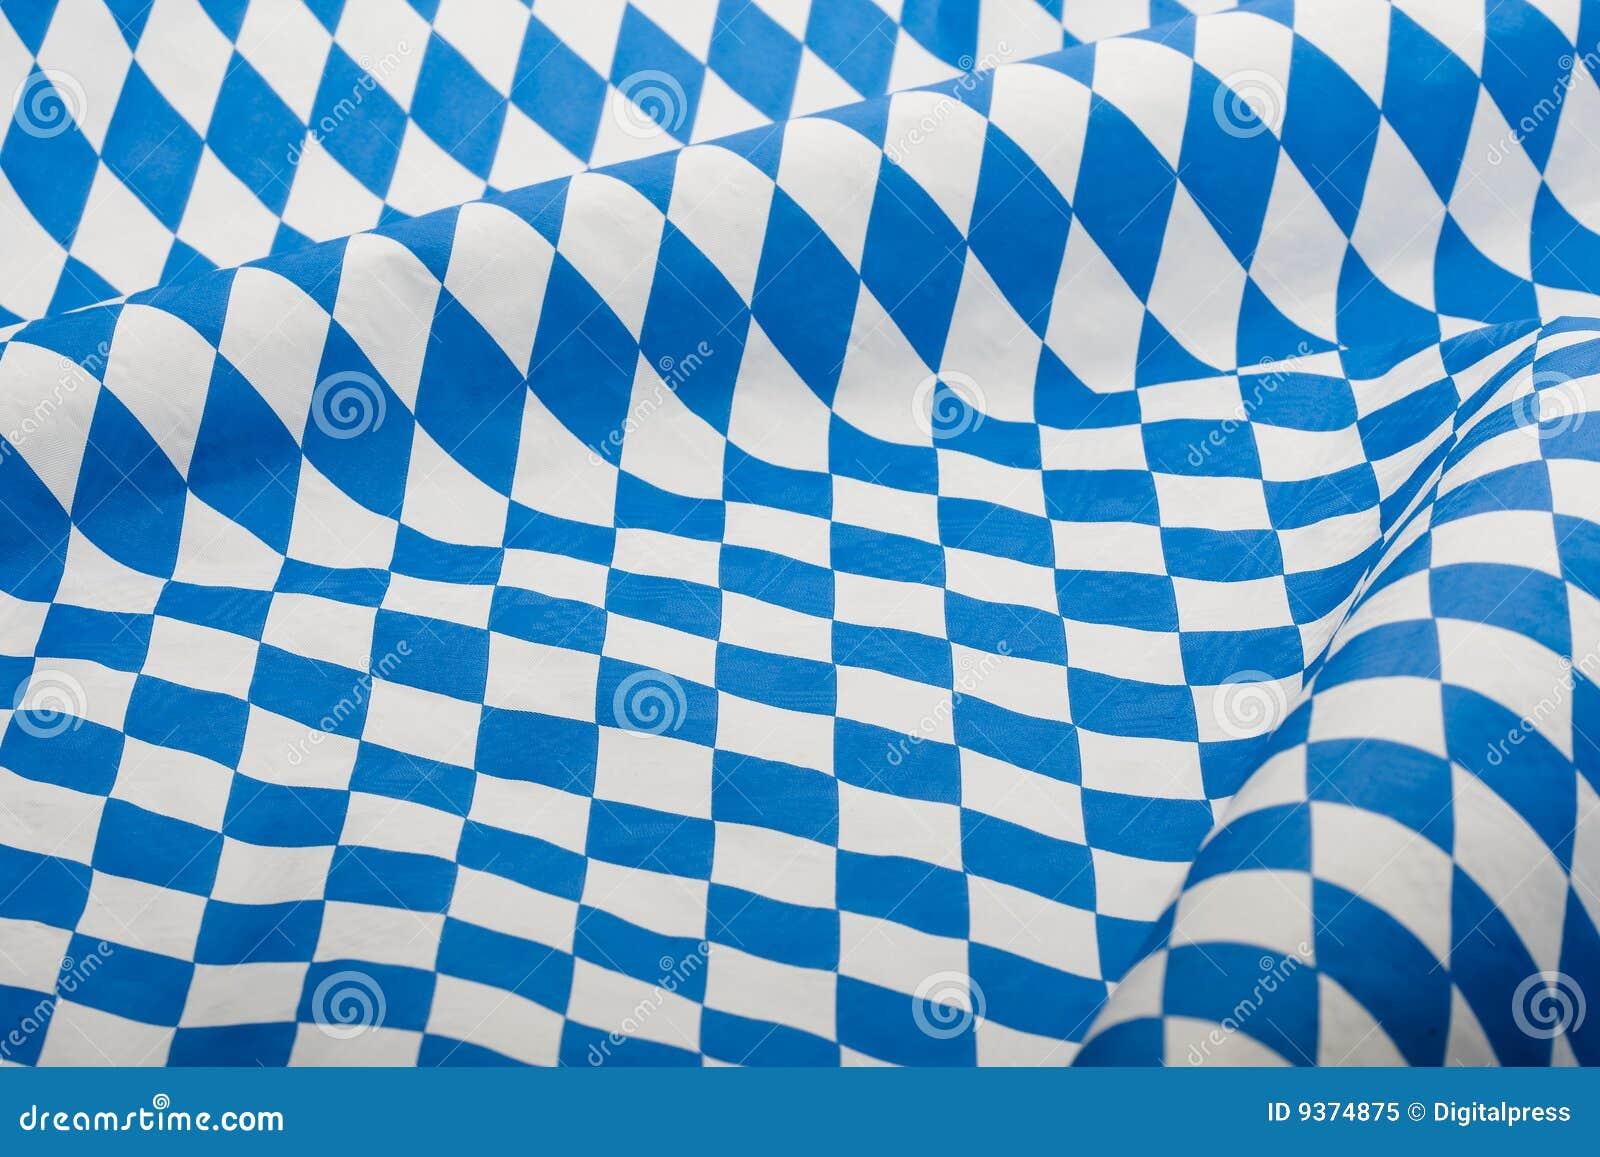 bayerische rueprobe als hintergrund stockbild bild 9374875. Black Bedroom Furniture Sets. Home Design Ideas